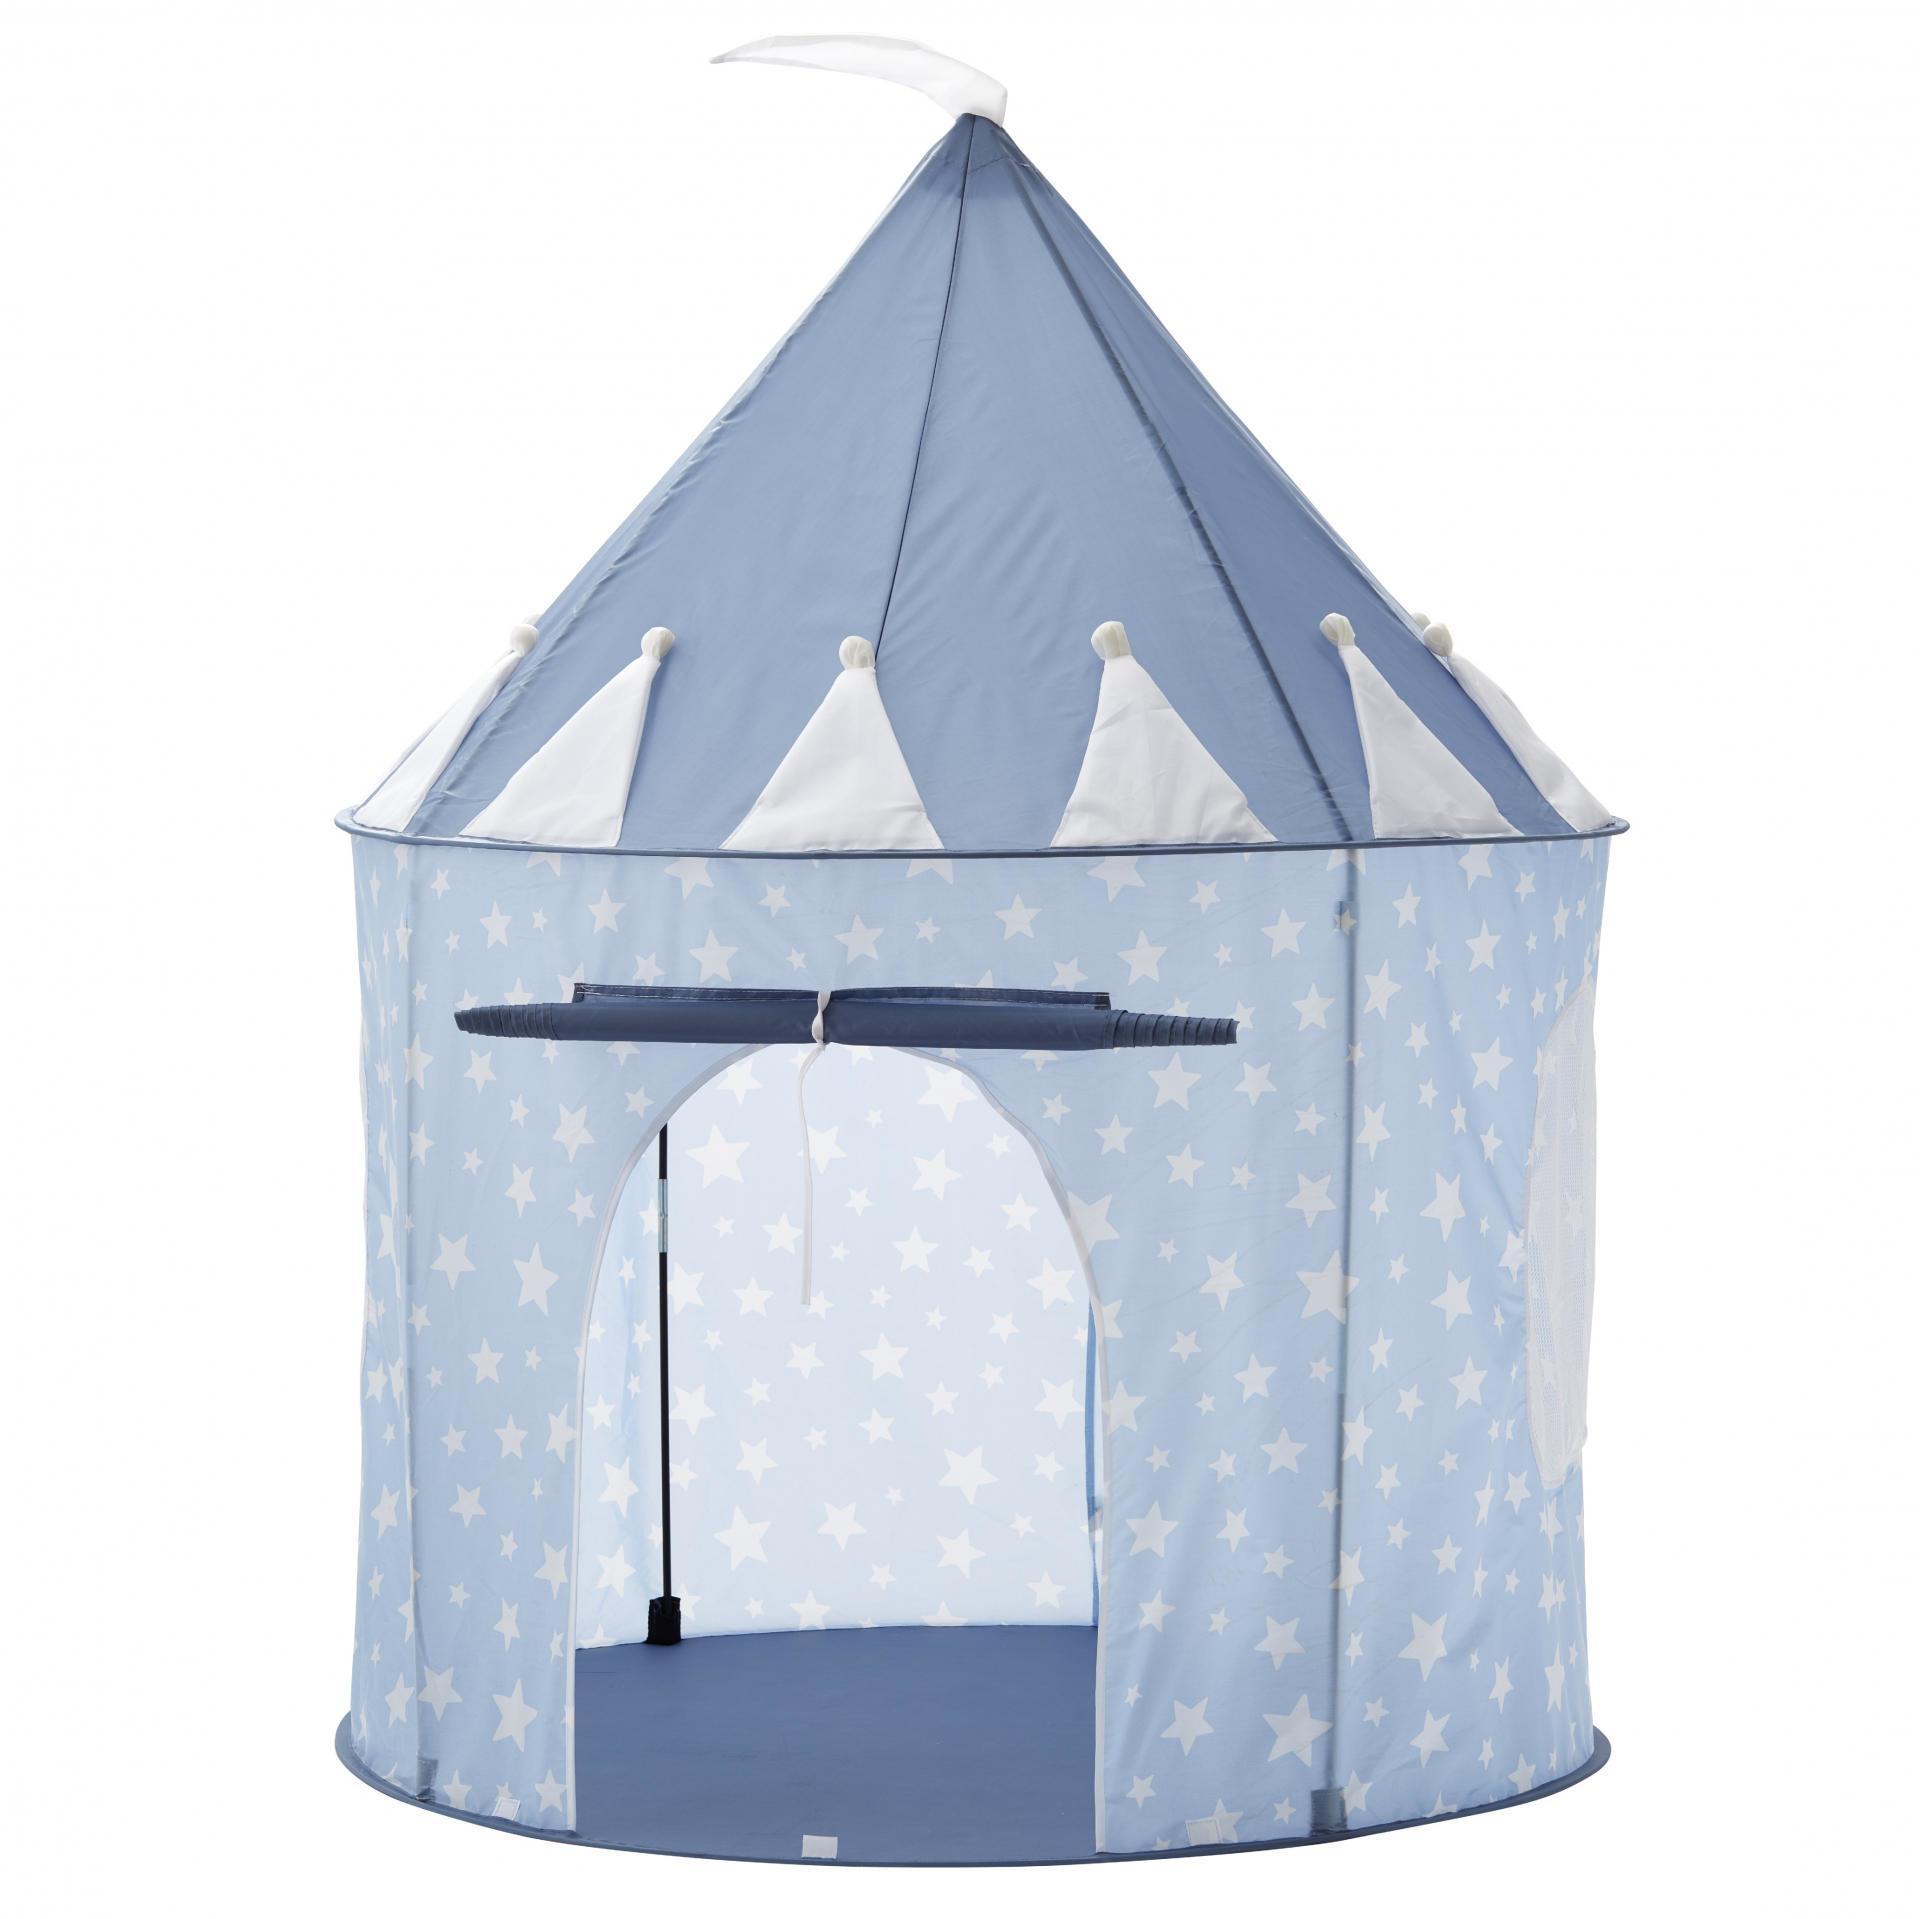 Kids Concept Dětský stan Blue Star Castle 130 cm, modrá barva, plast